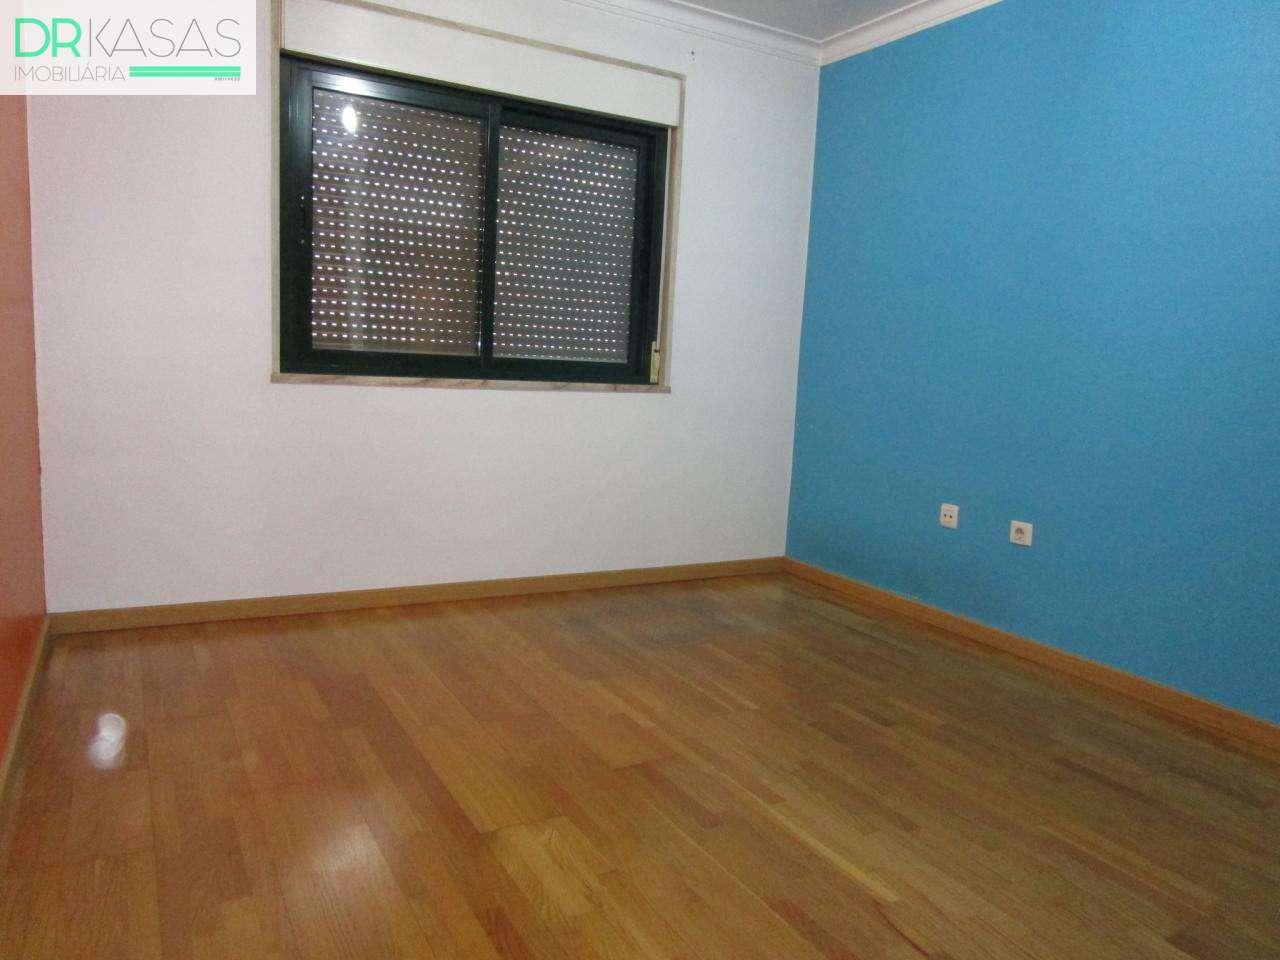 Apartamento para comprar, Barreiro e Lavradio, Barreiro, Setúbal - Foto 11